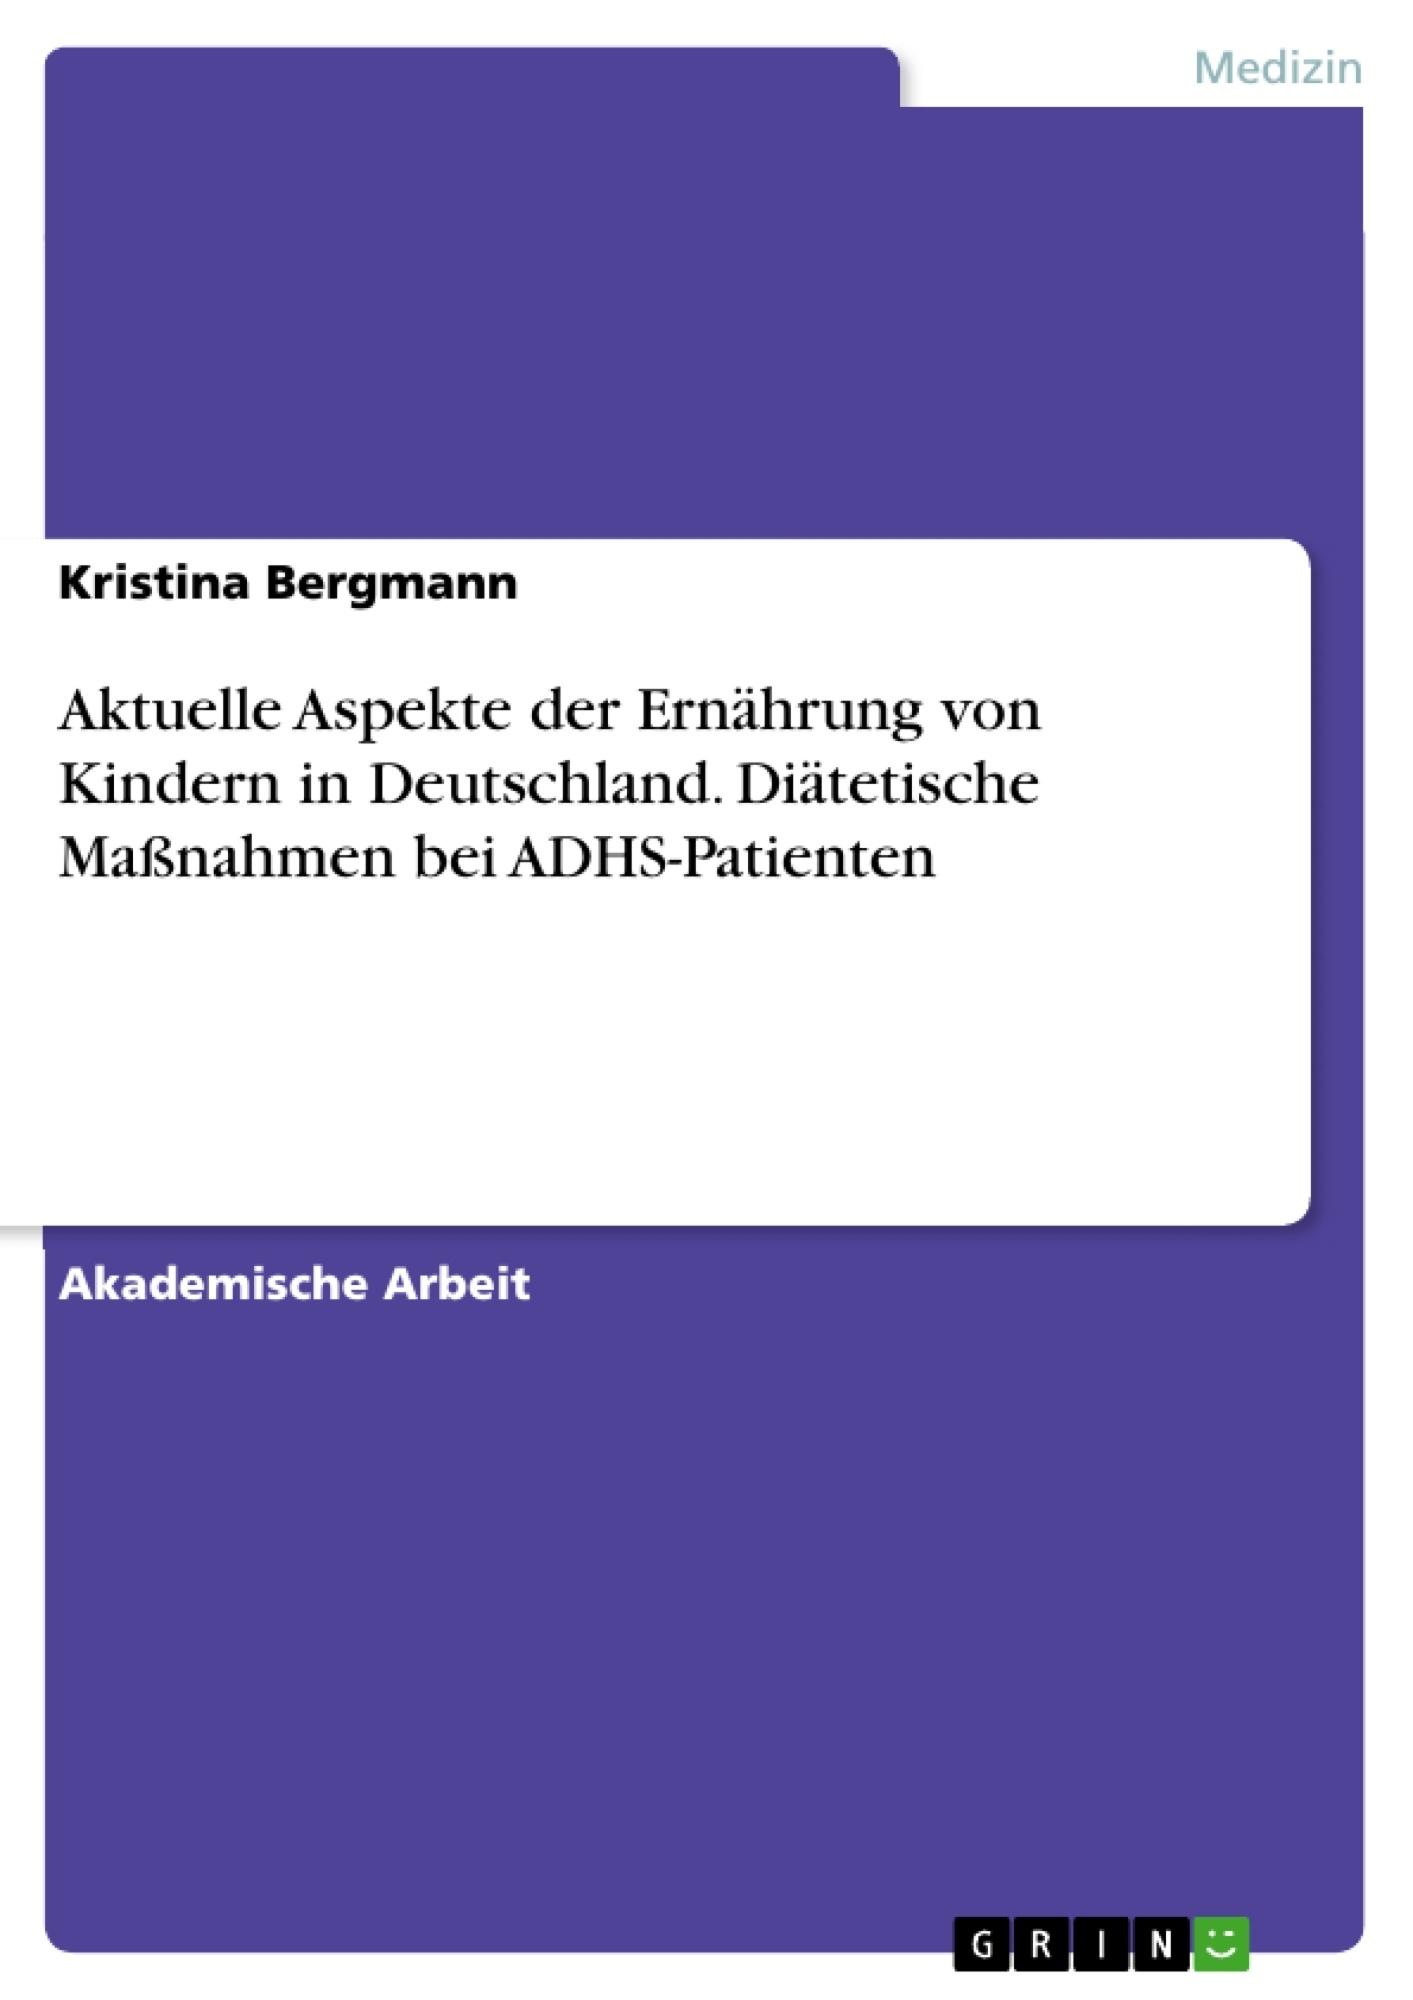 Titel: Aktuelle Aspekte der Ernährung von Kindern in Deutschland. Diätetische Maßnahmen bei ADHS-Patienten